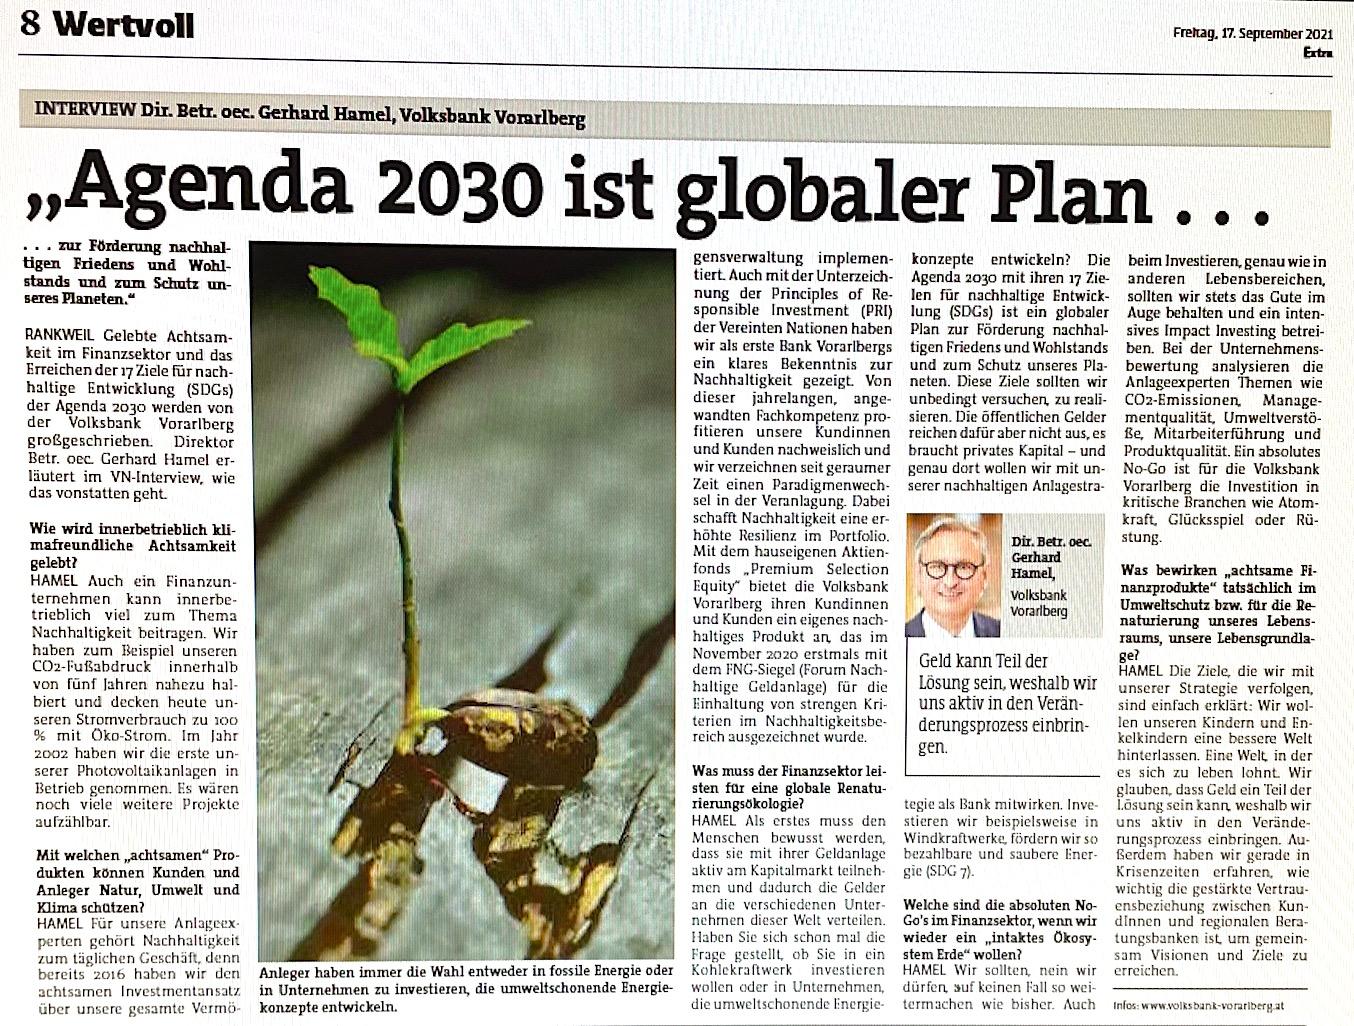 """""""Agenda 2030 ist ein globaler Plan zur Förderung nachhaltigen Friedens und Wohlstands und zum Schutz unseres Planeten."""" Gelebte Achtsamkeit im Finanzsektor und das Erreichen der 17 Ziele für nachhaltige Entwicklung (SDGs) der Agenda 2030 werden von der Volksbank Vorarlberg großgeschrieben. Direktor Betr. oec. Gerhard Hamel erläutert im VN-Interview, wie das vonstatten geht.  Von Verena Daum, www.progression.at (das Interview ist am 17.9.21 in der Extra-Ausgabe """"Wertvoll - Öko-Initiativen …"""" der """"Vorarlberger Nachrichten"""" erschienen)"""